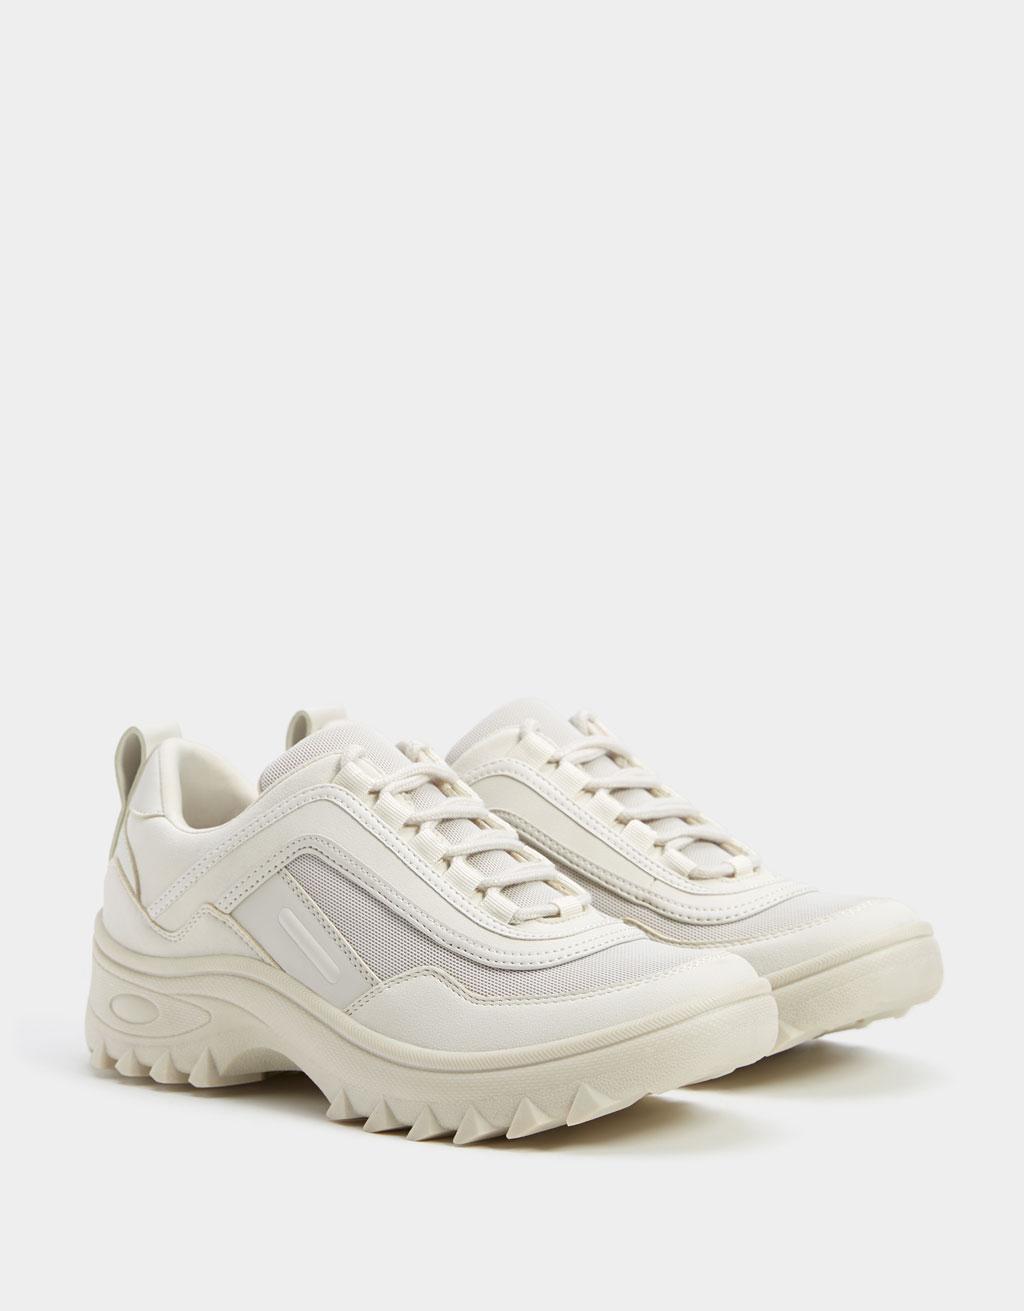 Športni čevlji z debelim podplatom